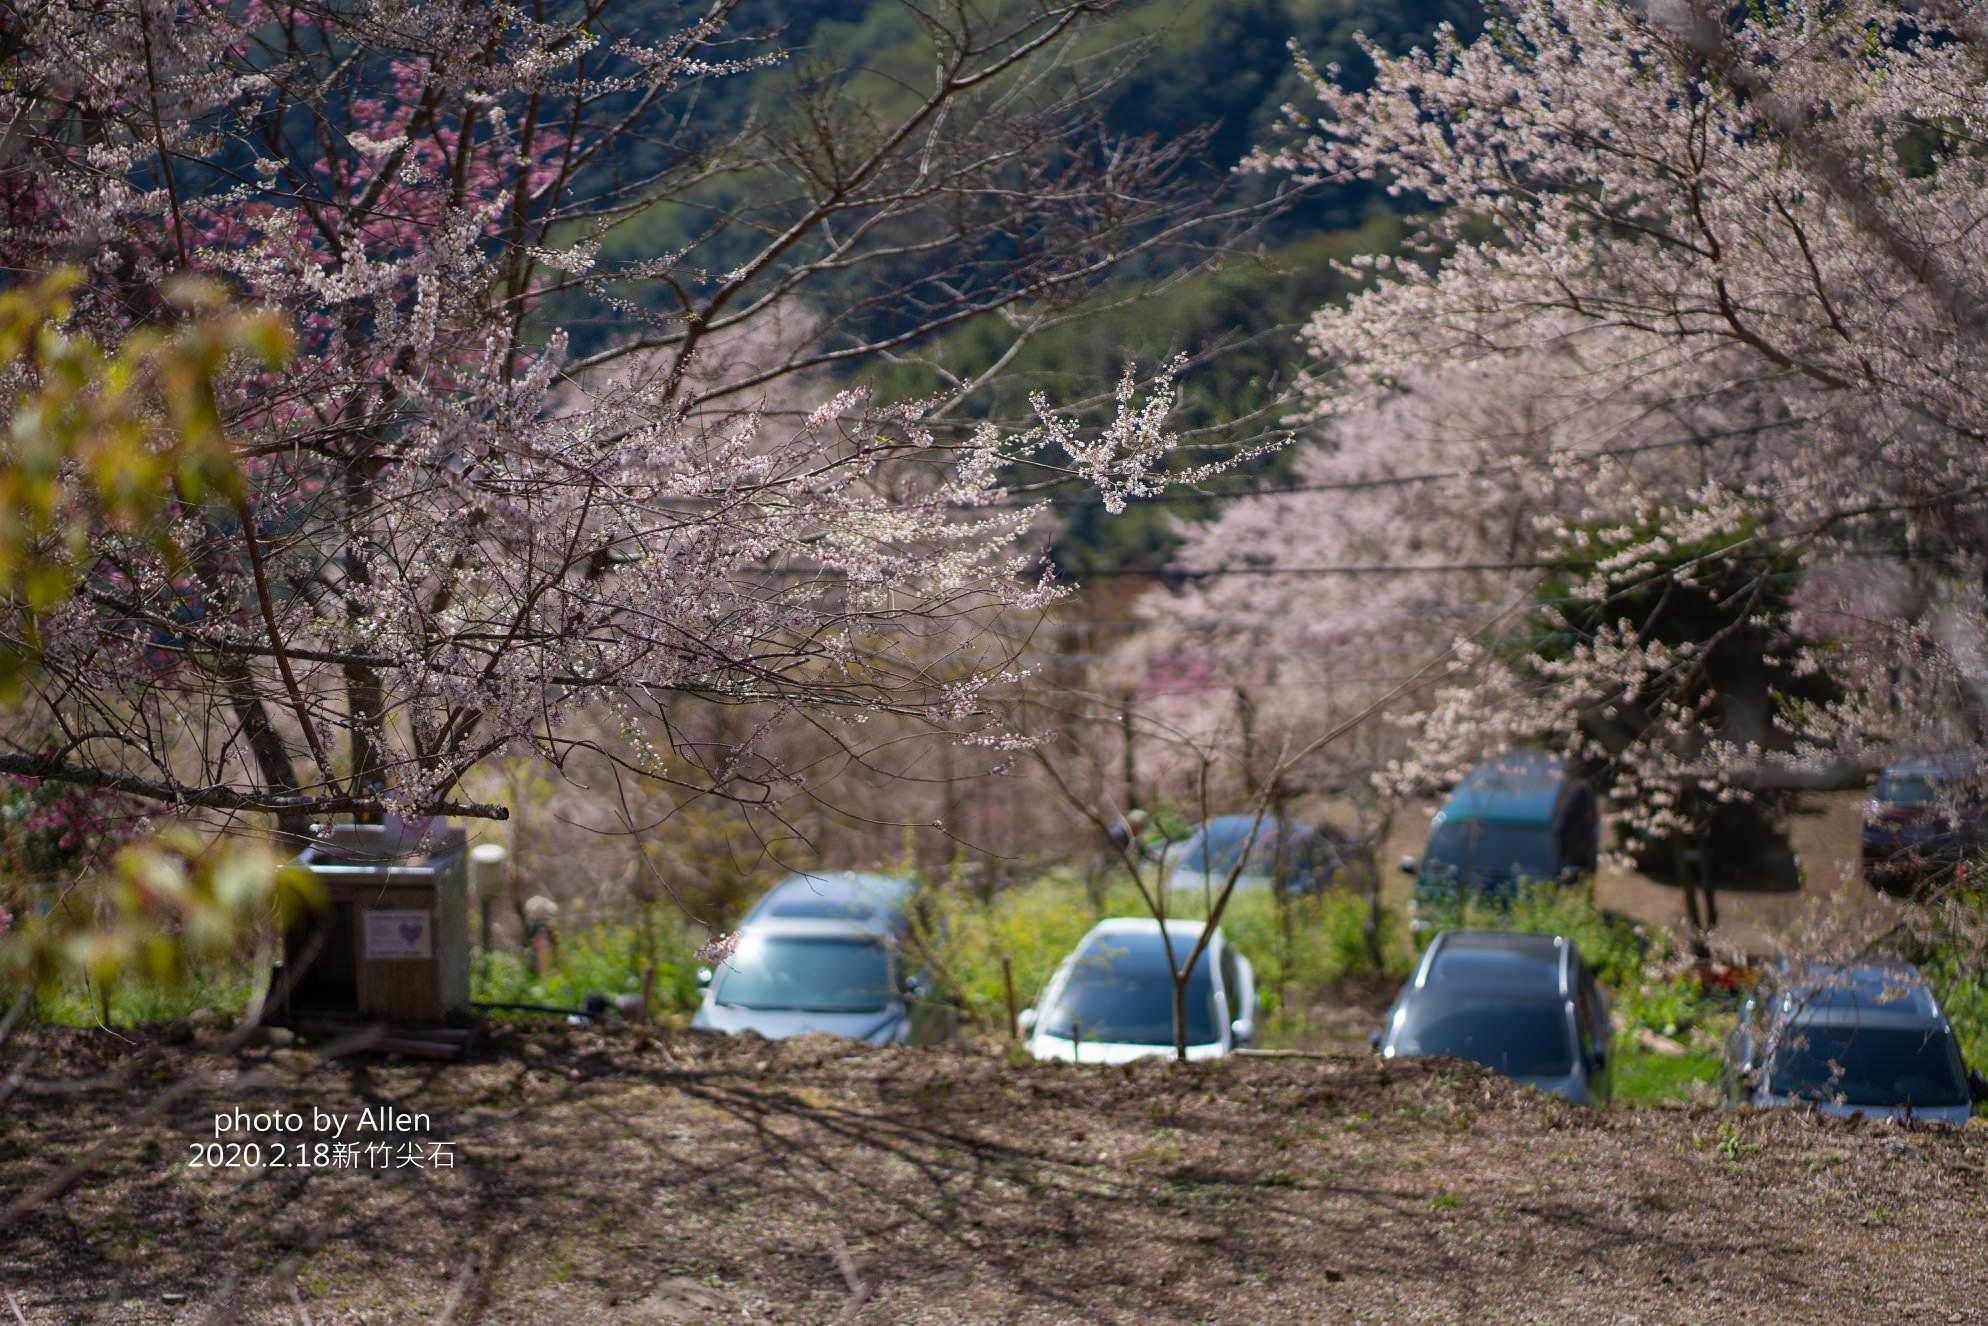 新竹賞櫻秘境|萬里山園,被稱為遠得要命的賞櫻秘境!賞櫻期進入倒數錯過再等明年